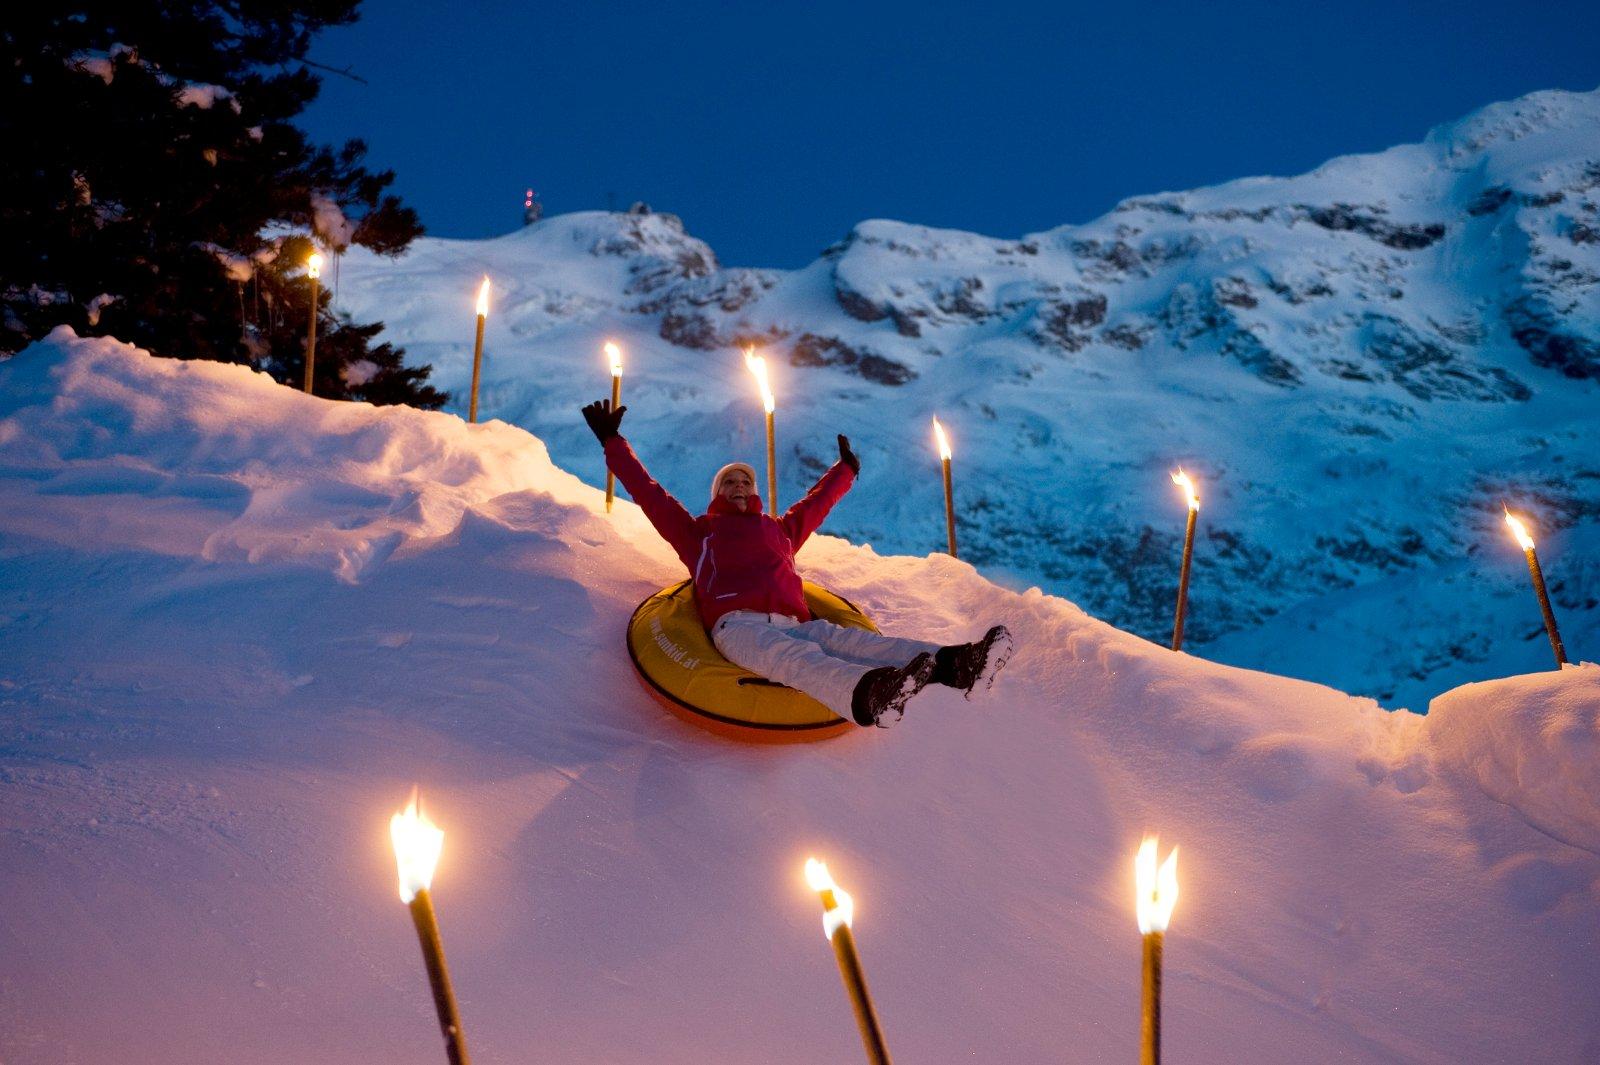 Guten Rutsch ins neue Jahr – im Klosterdorf Engelberg in der Zentralschweiz nimmt man die Wünsche wörtlich. Bildnachweis: Engelberg-Titlis/Fotograf Christian Perret